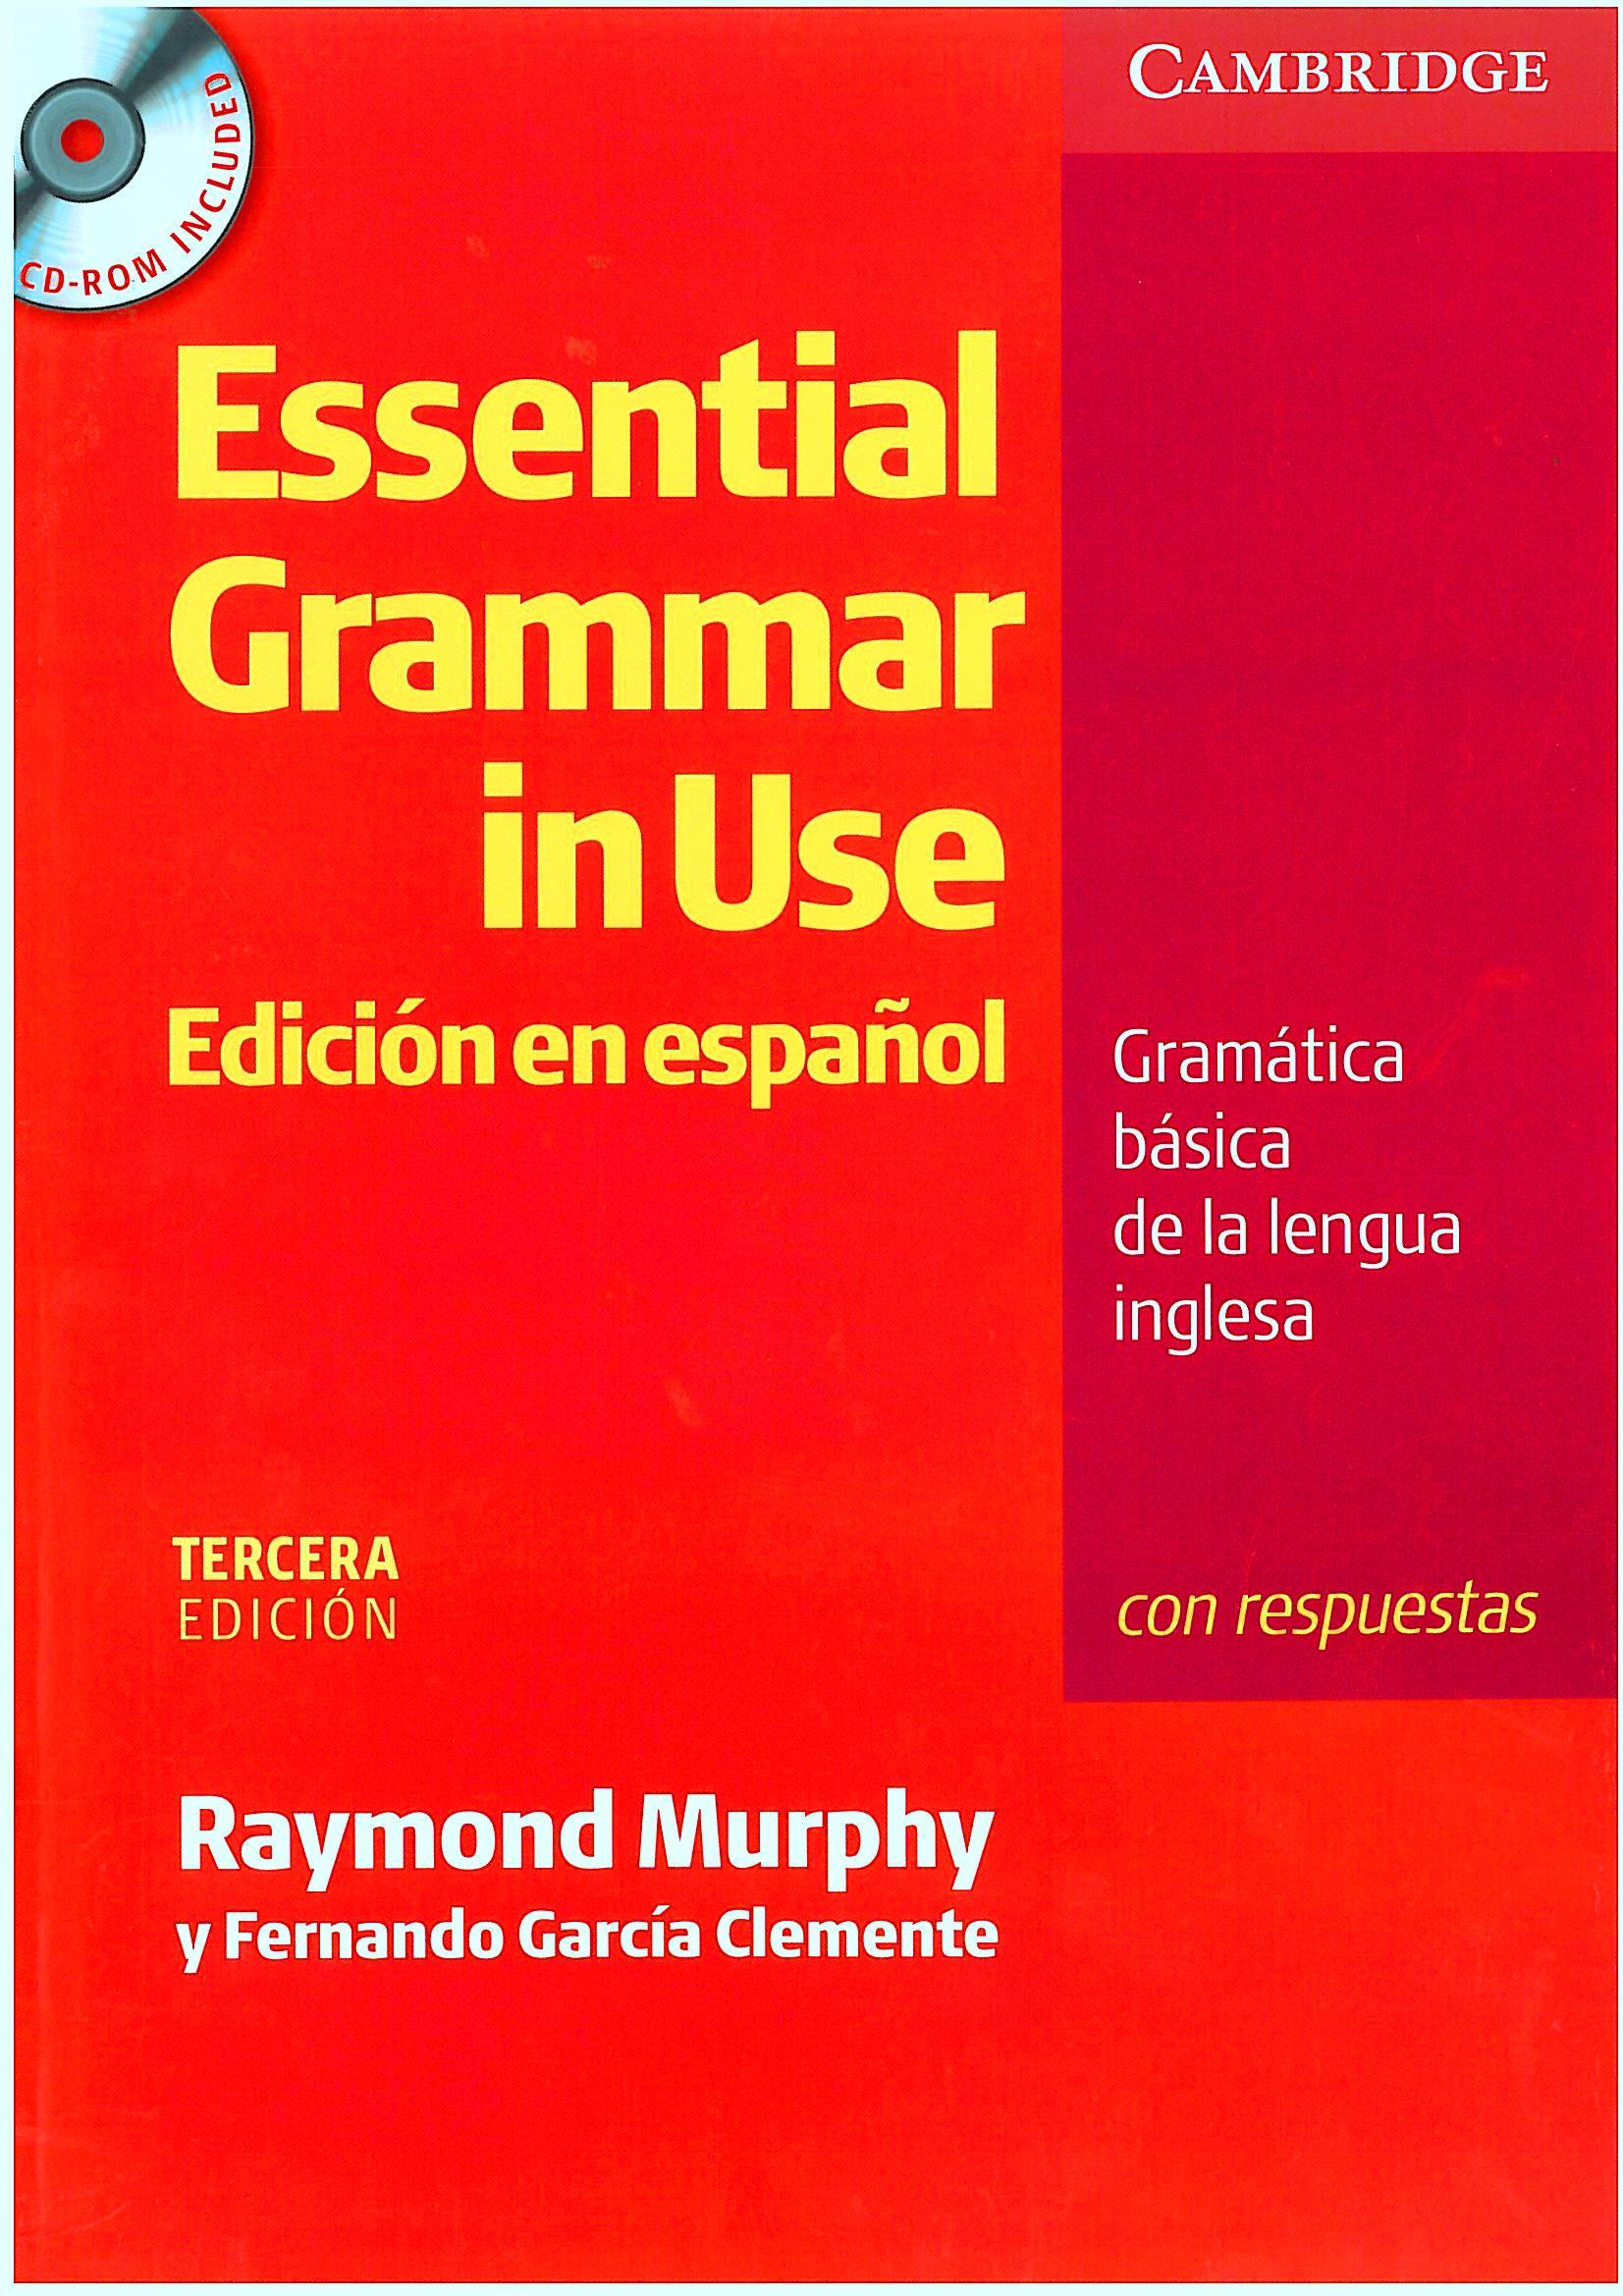 10 Best English Grammar Books